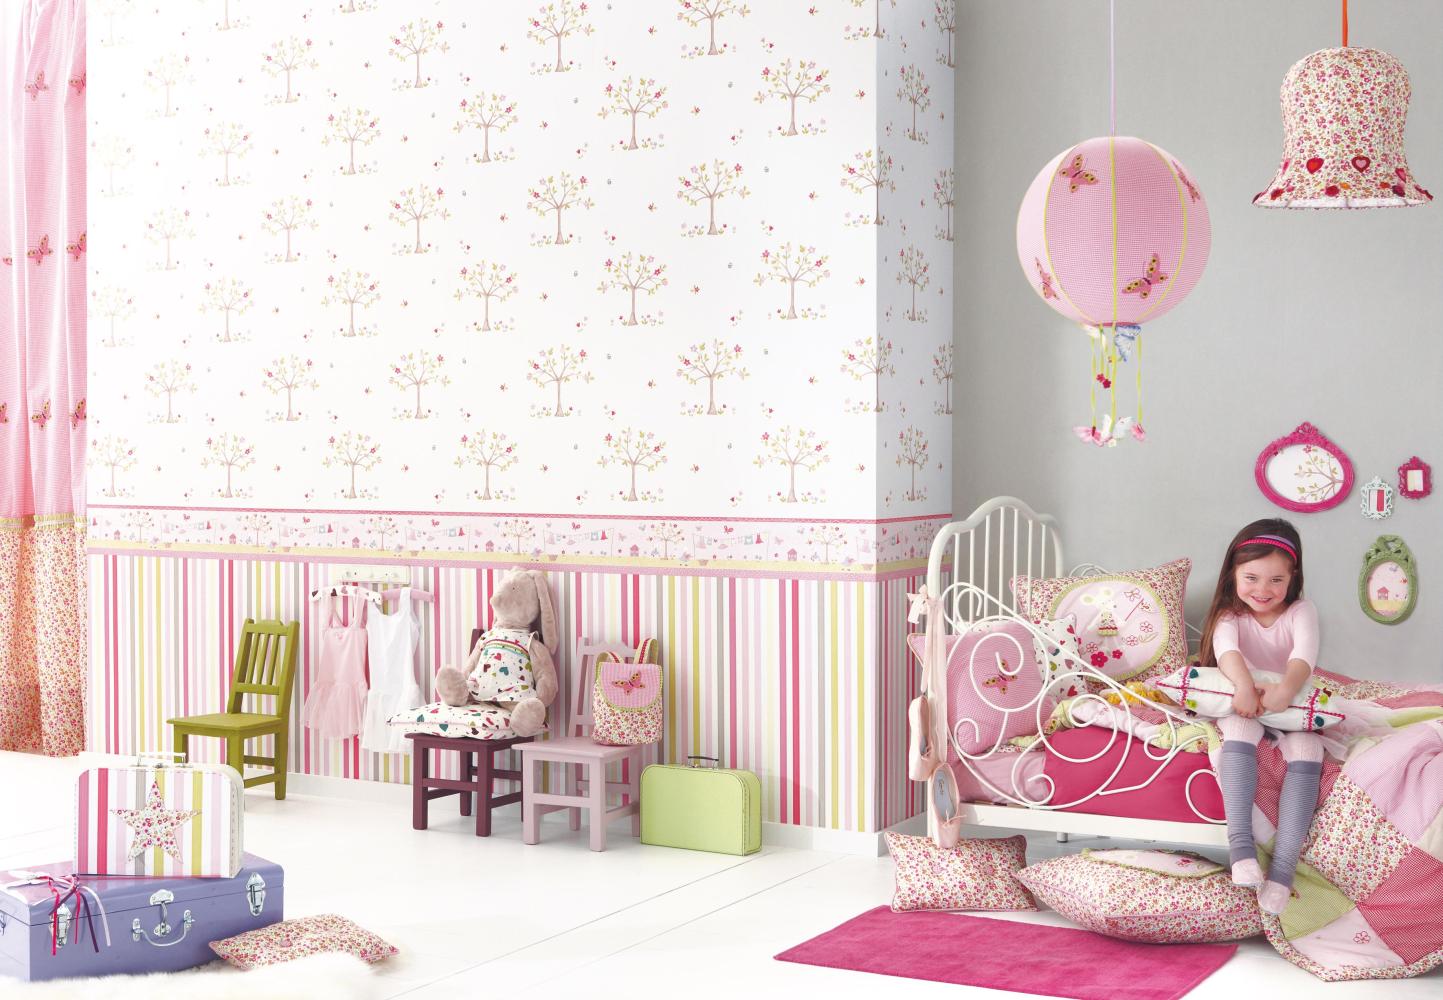 Kindertapeten Und Kinderstoffe U0027Lollipopsu0027 Von Camengo #kinderbett  #romantischeskinderbett #rosafarbeneskinderzimmer #rosafarbenesmädchenzimmer